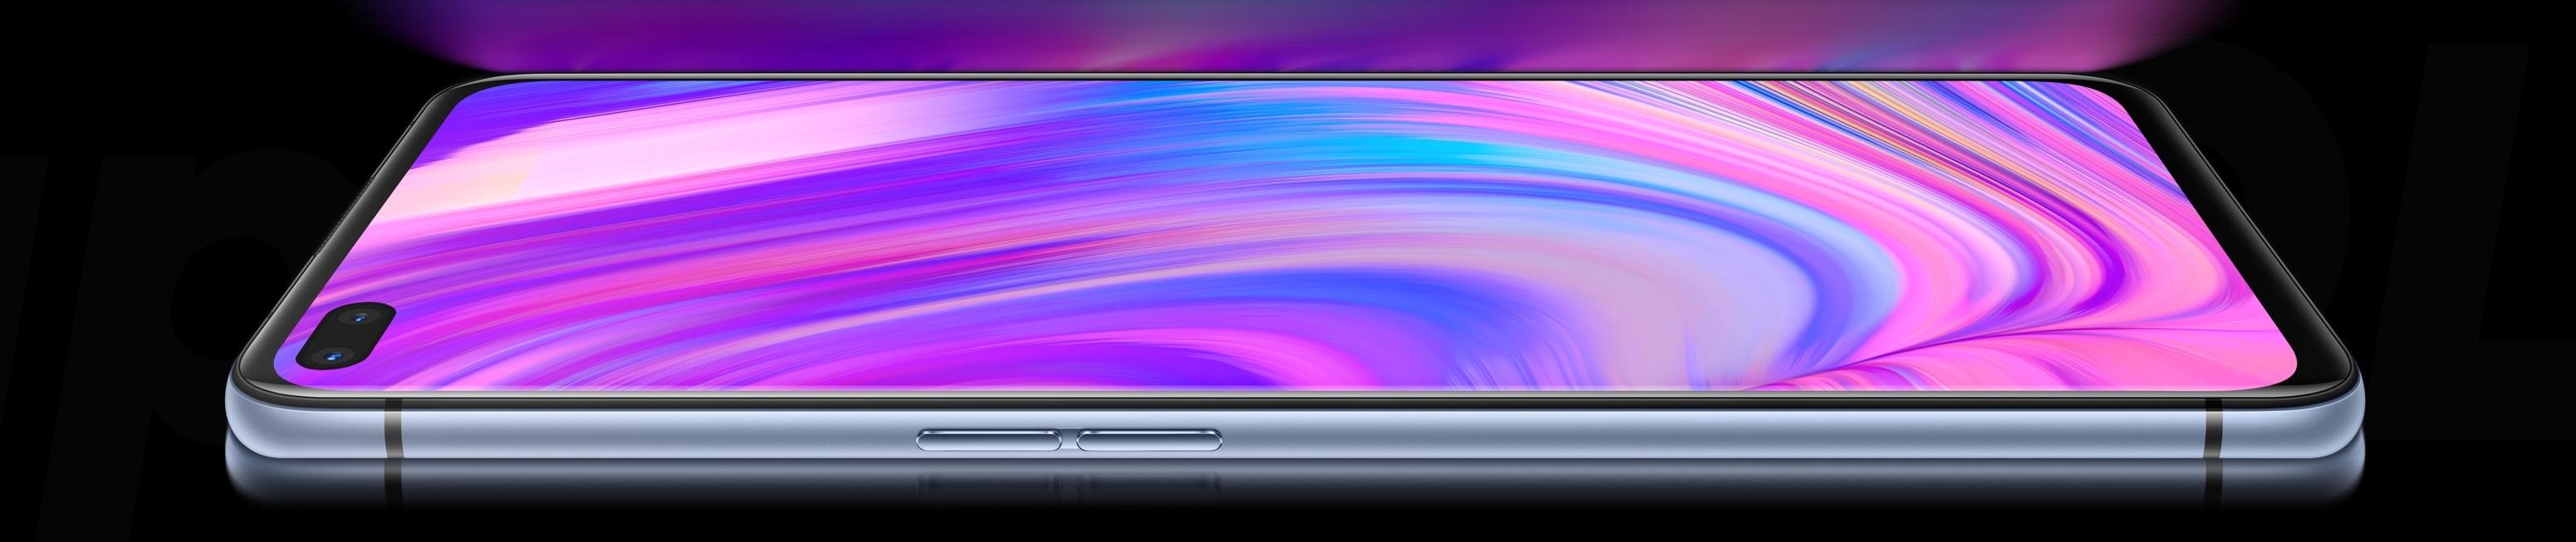 realme X50 Pro Player Edition smartphone